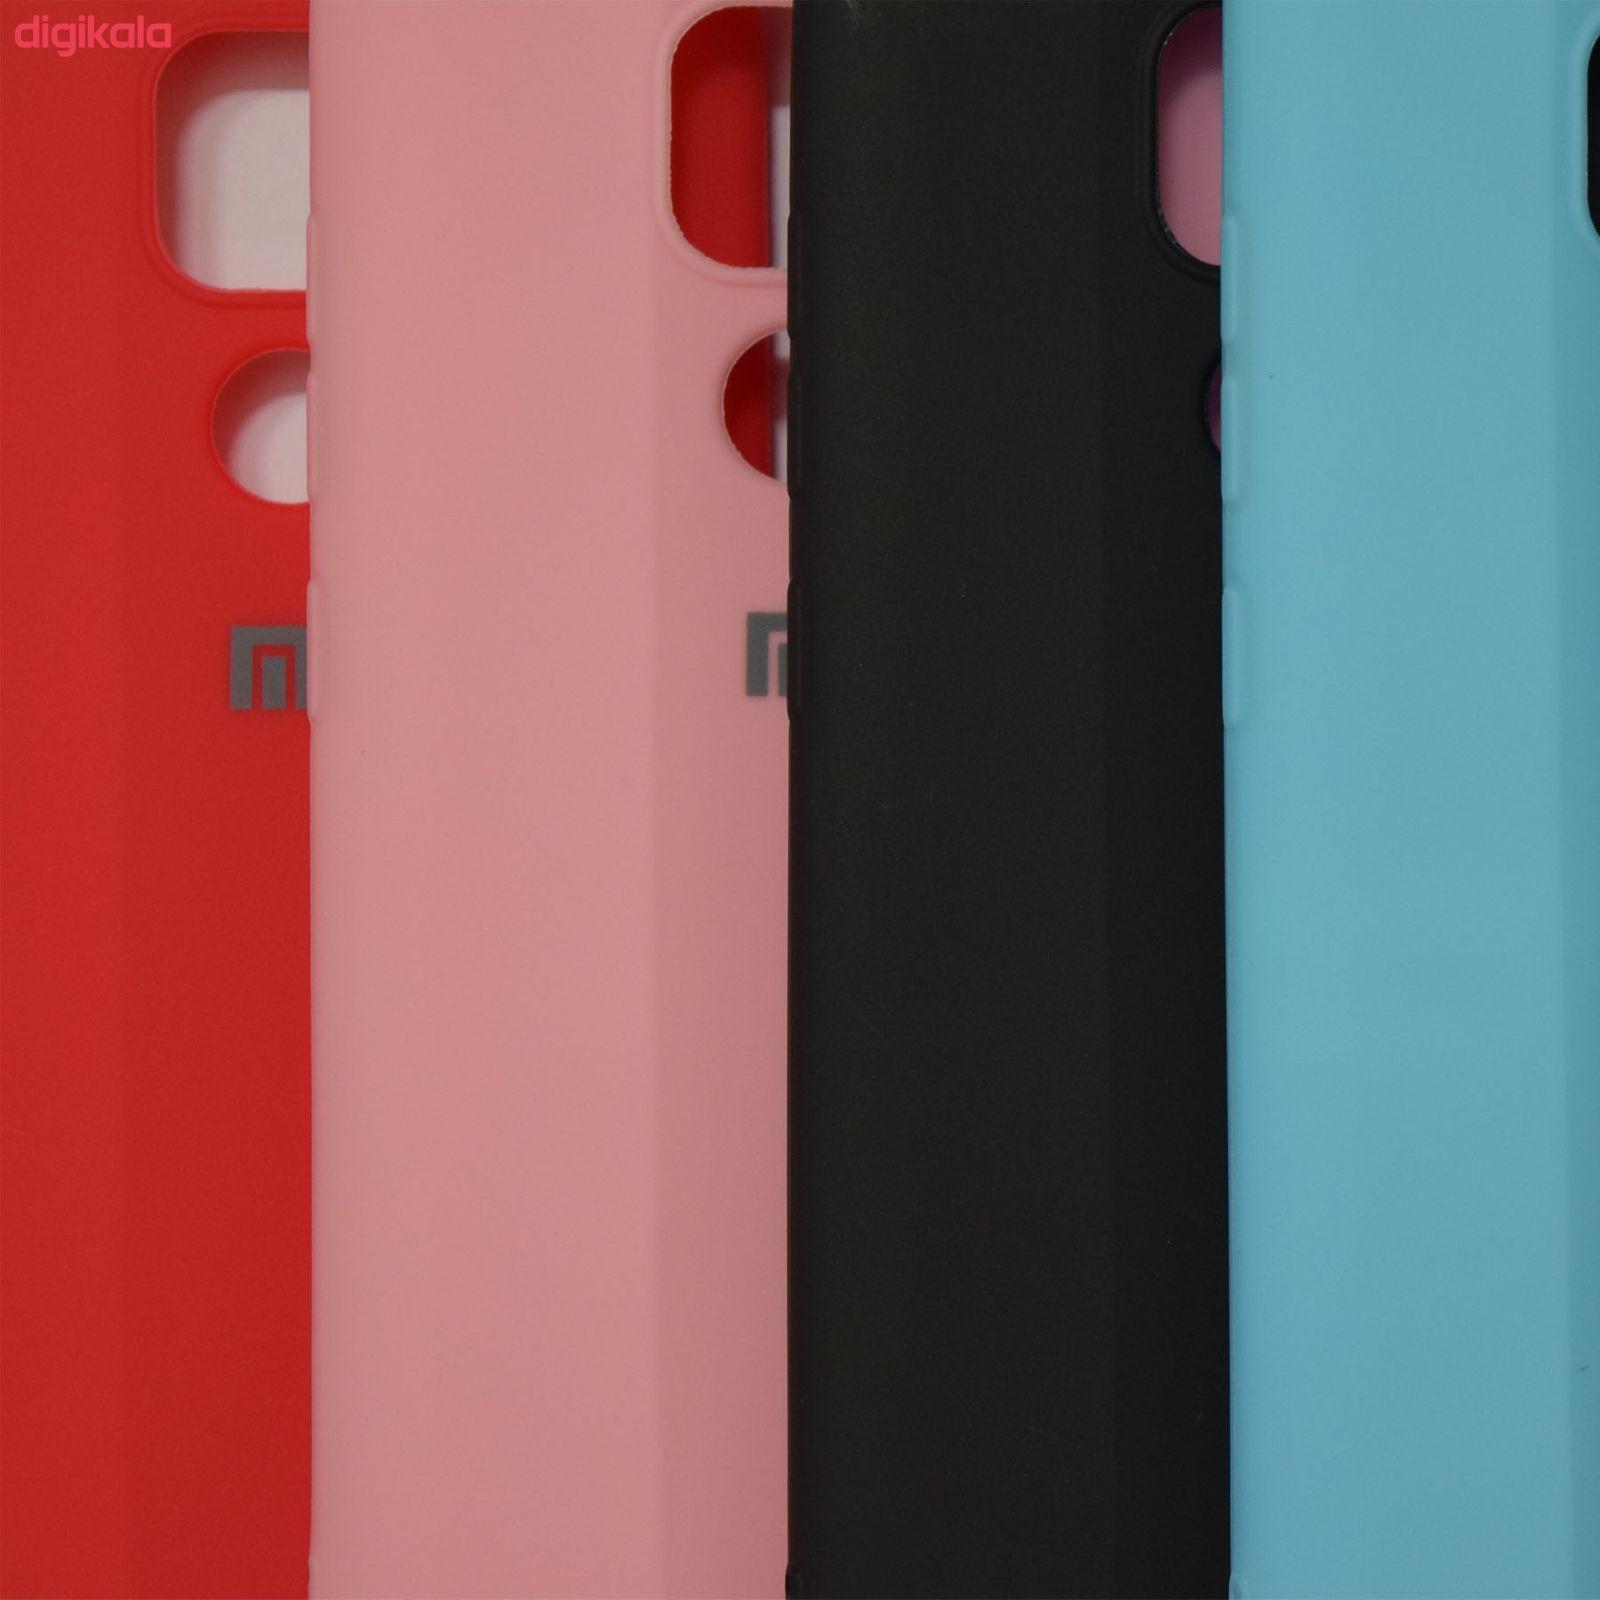 کاور مدل TP20 مناسب برای گوشی موبایل شیائومی Redmi Note 9 main 1 9